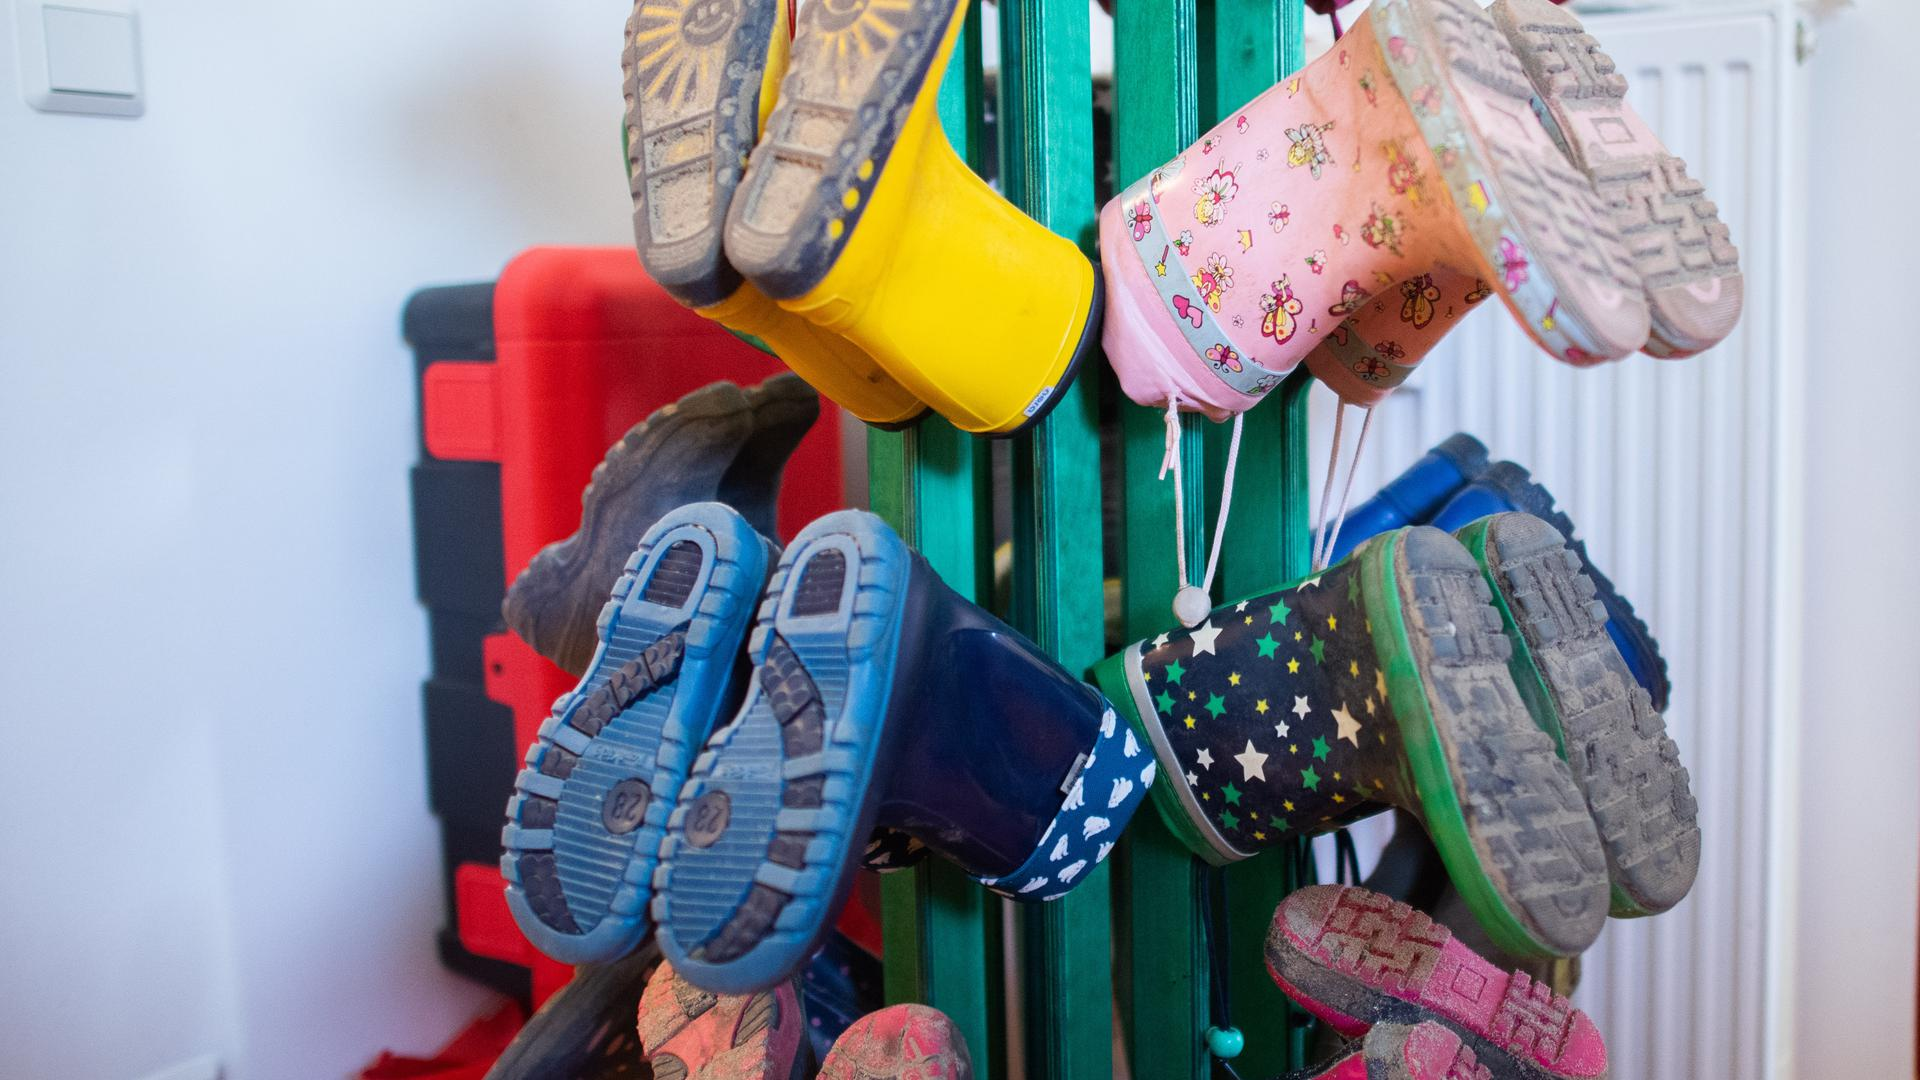 Gummistiefel von Kindern hängen in einem Kindergarten in der Region Hannover. Die Diakonie in Niedersachsen sieht in den neuen Regelungen zur Kita-Notbetreuung während der Corona-Pandemie noch erheblichen Klärungsbedarf. Praktische Leitfäden für Eltern und Einrichtungen fehlten - diese müssten vom Kultusministerium kommen. +++ dpa-Bildfunk +++